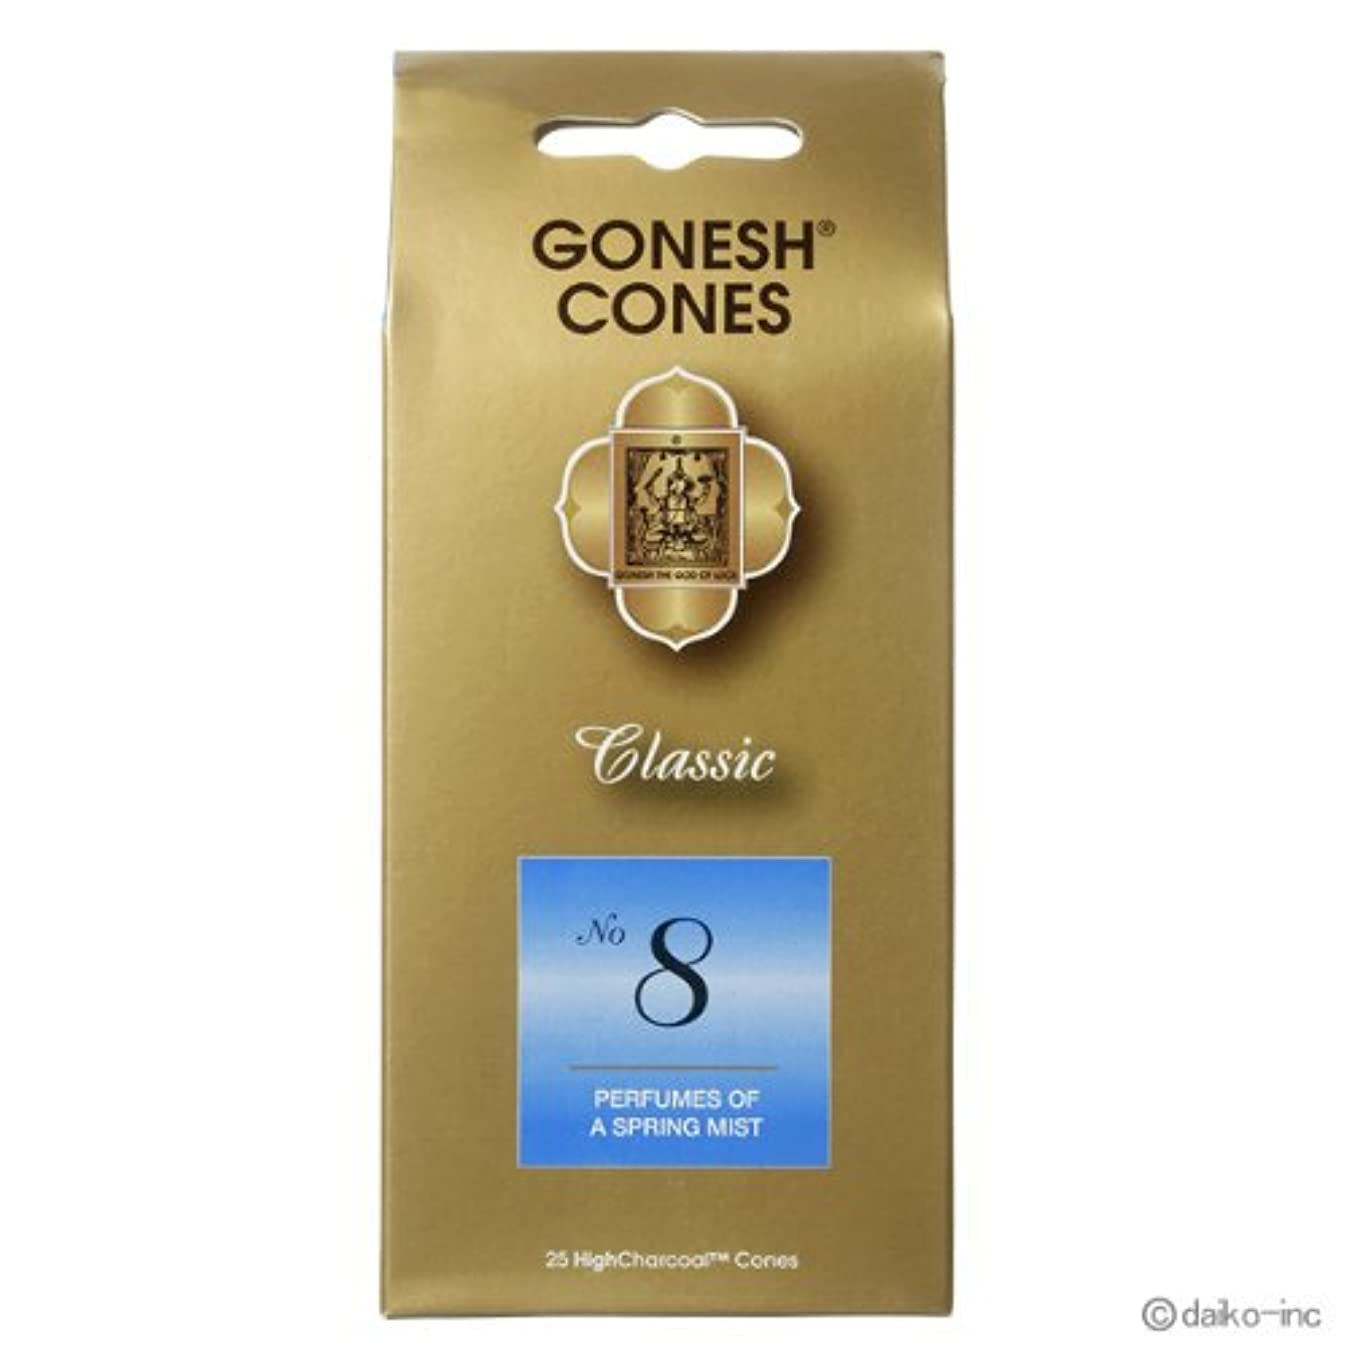 バラ色ライセンス強化するガーネッシュ GONESH クラシック No.8 お香コーン25ヶ入 6個セット